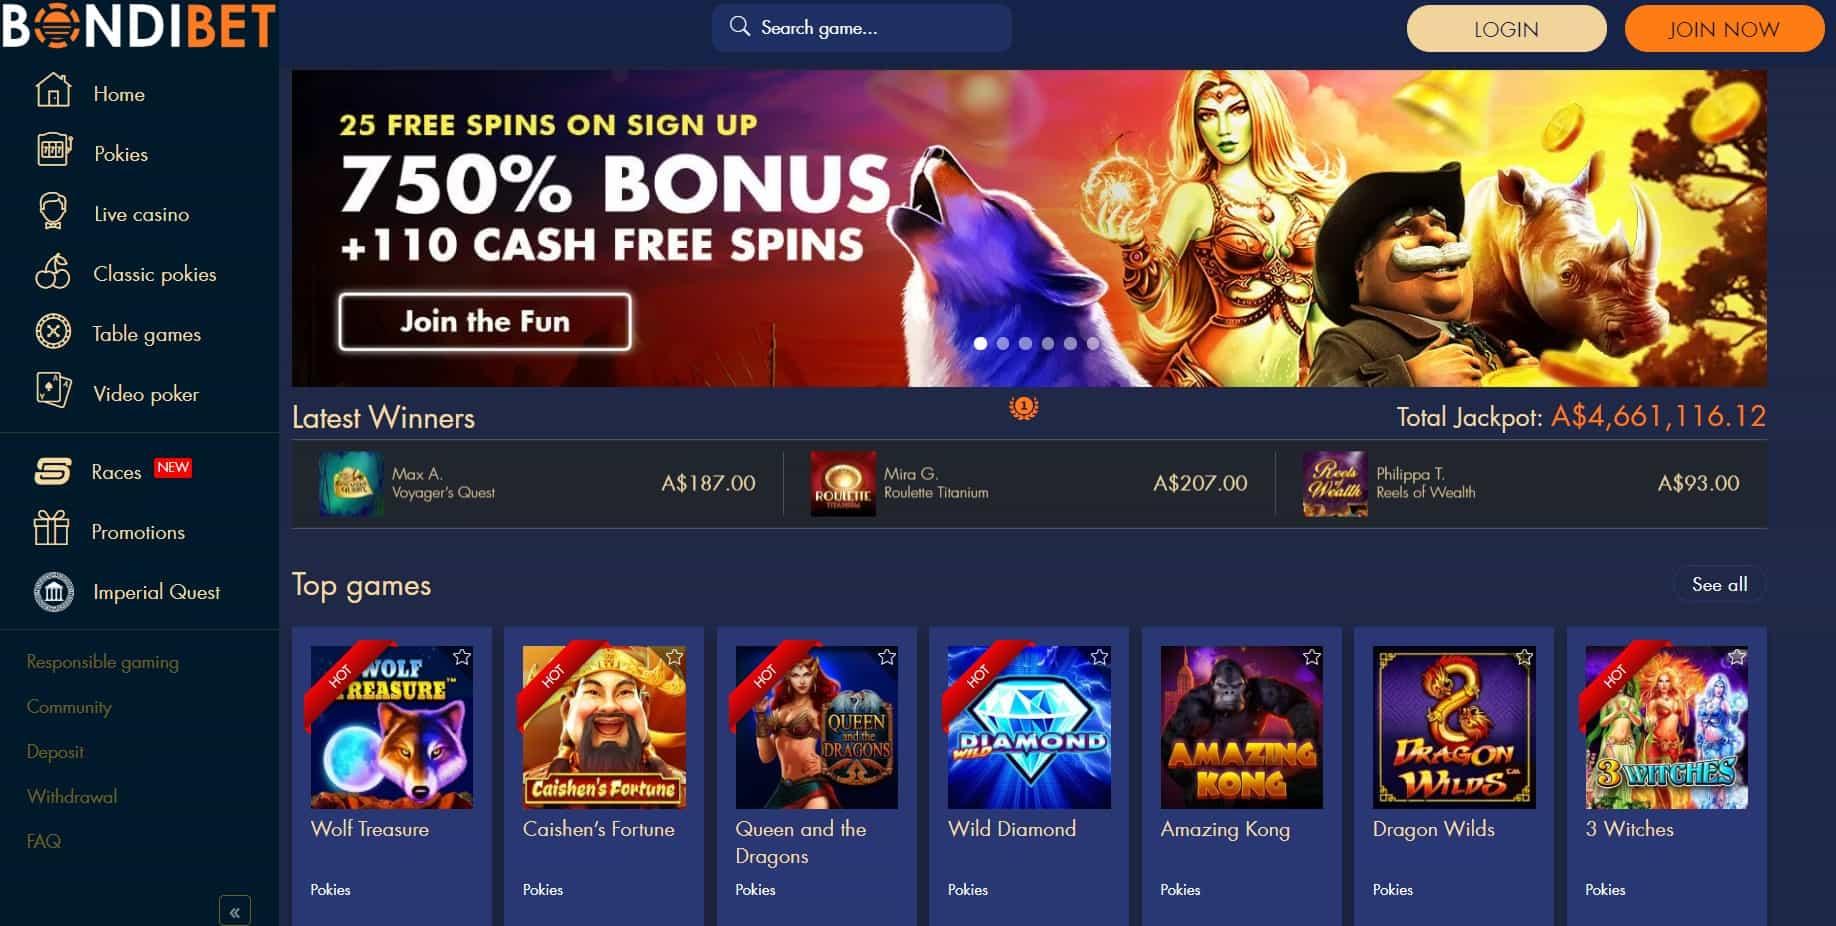 bondibet casino homepage